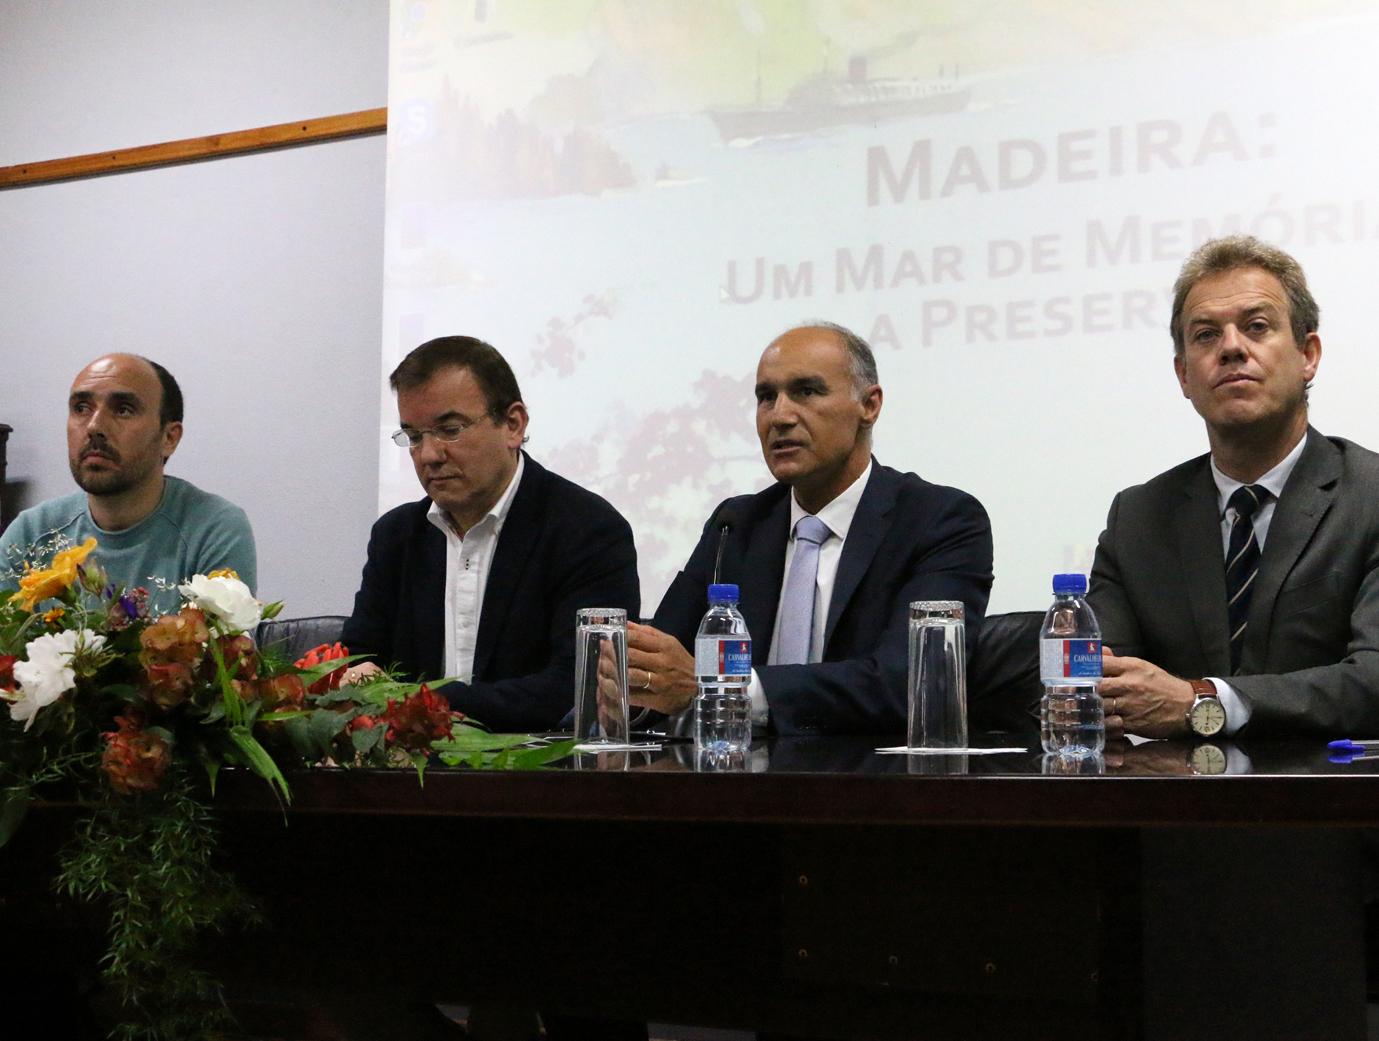 Literacia Marítima identitária da História Regional e Local